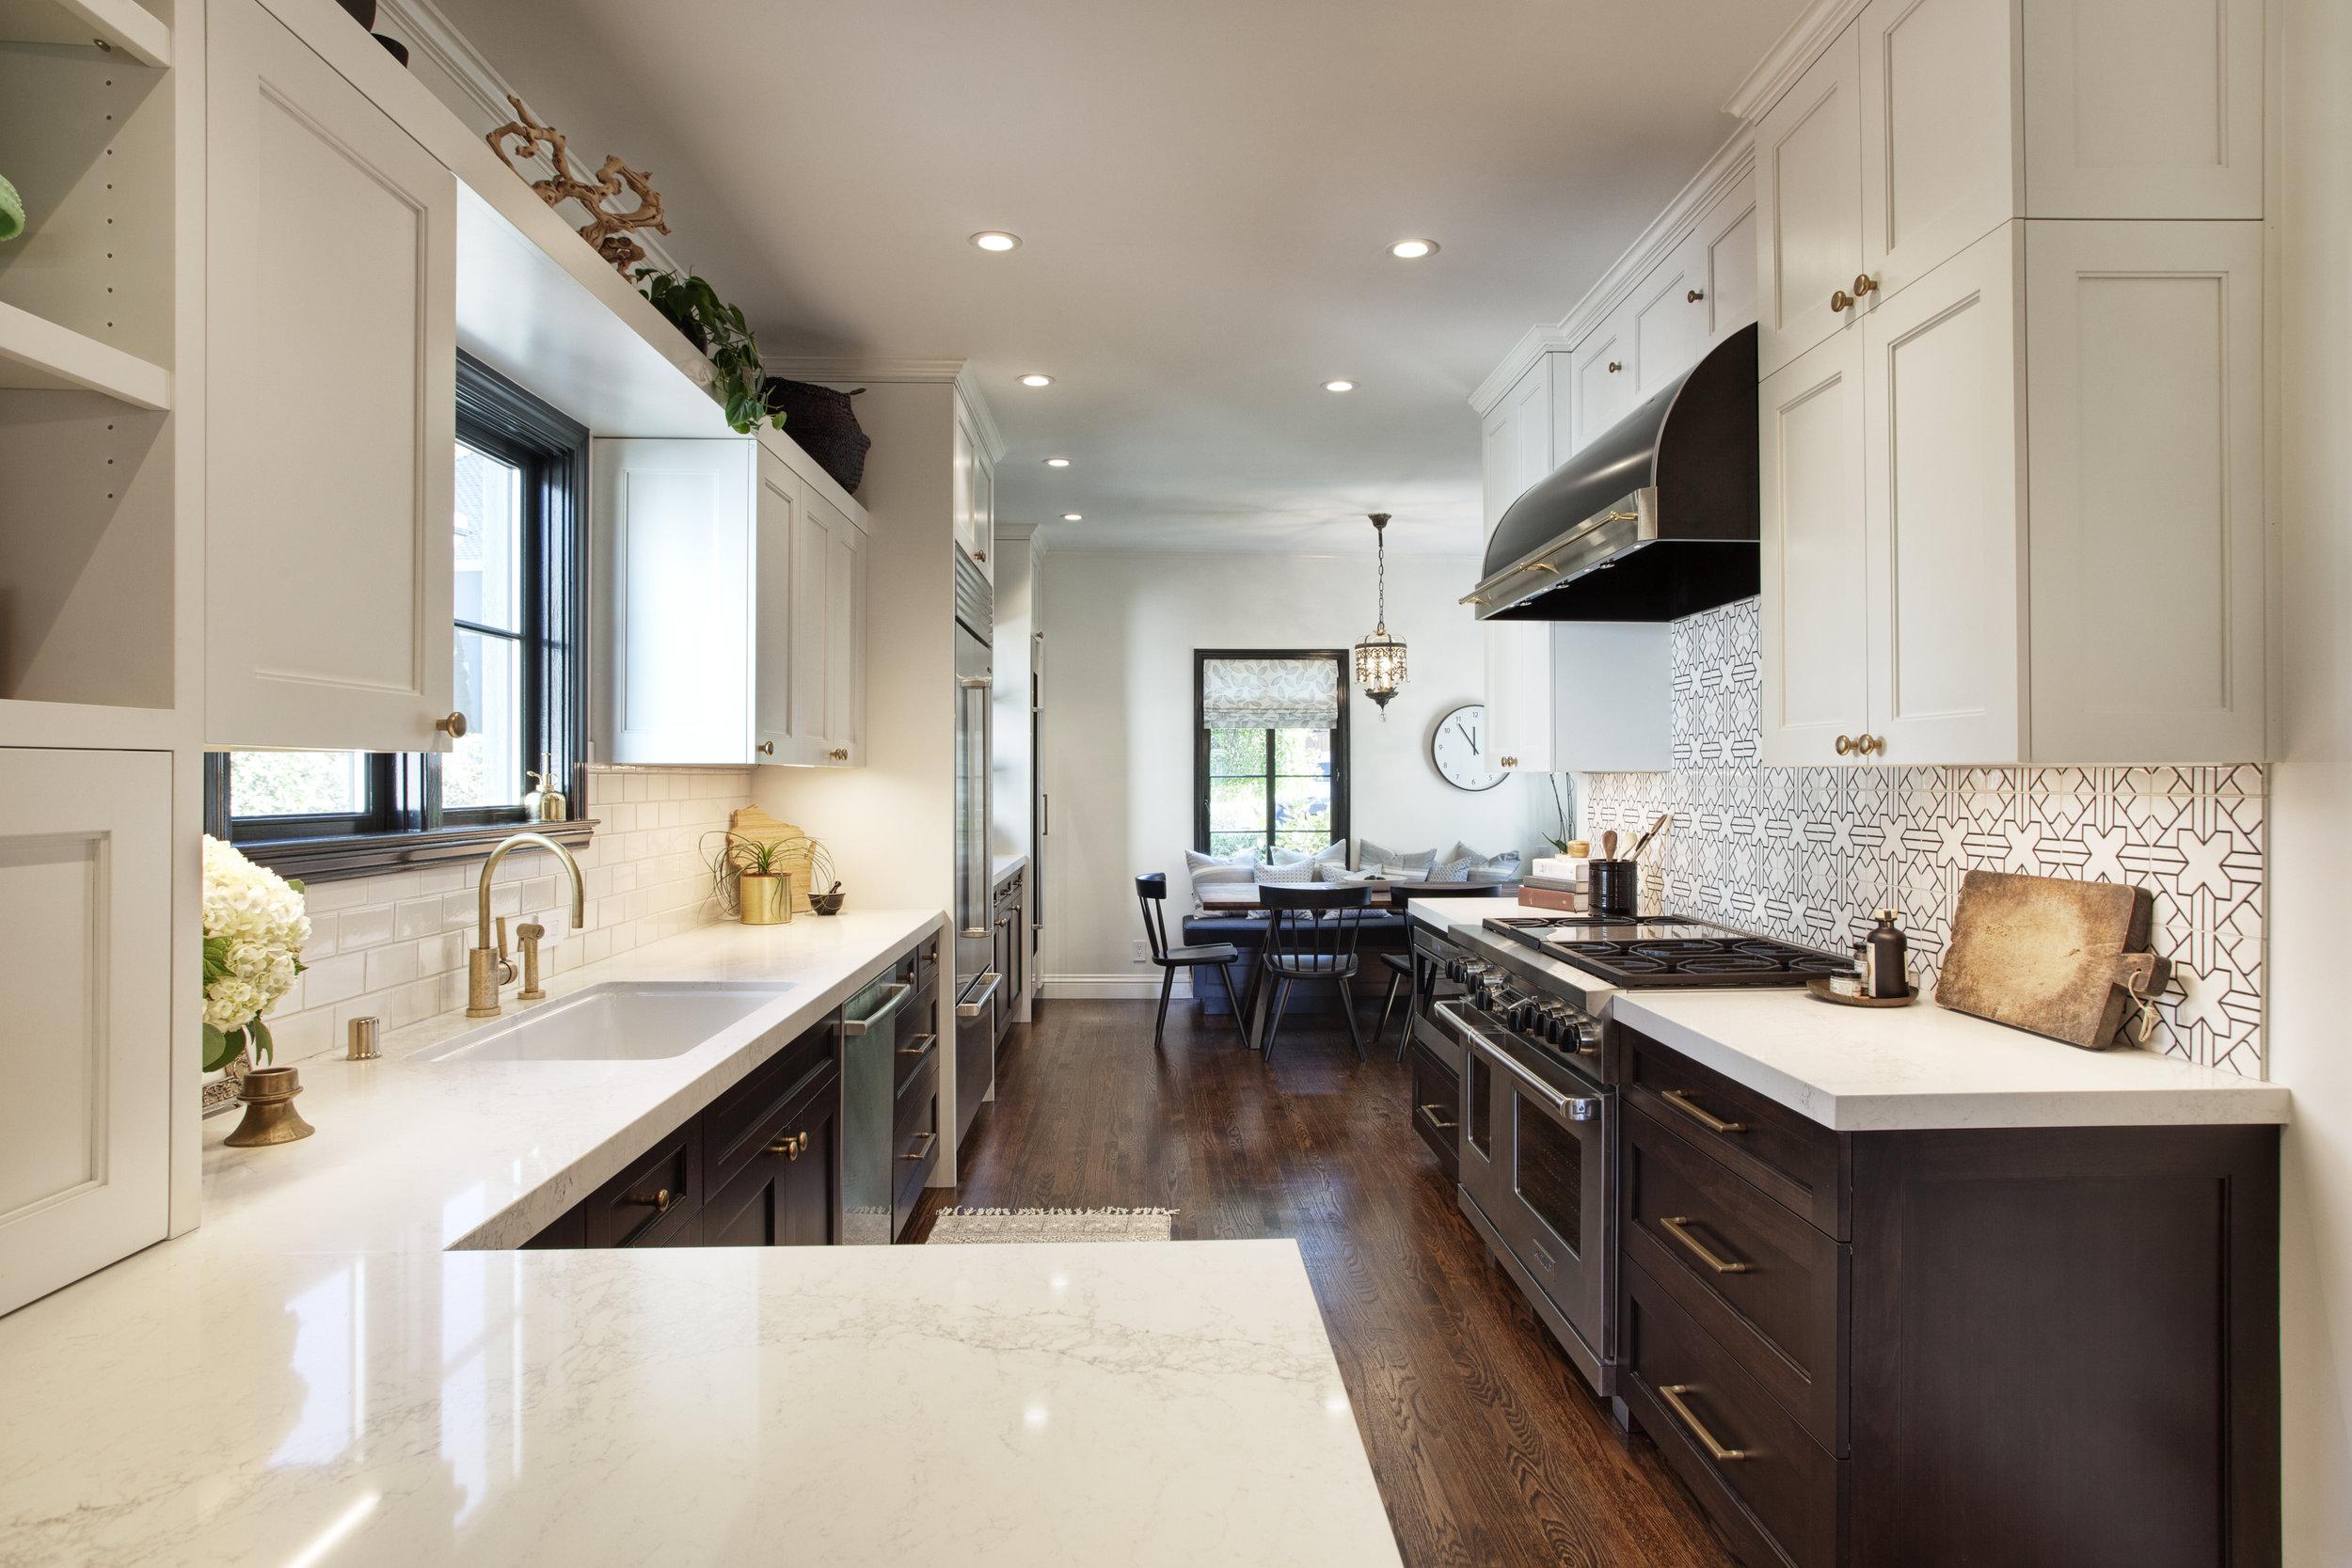 KJM interiors | Kitchen